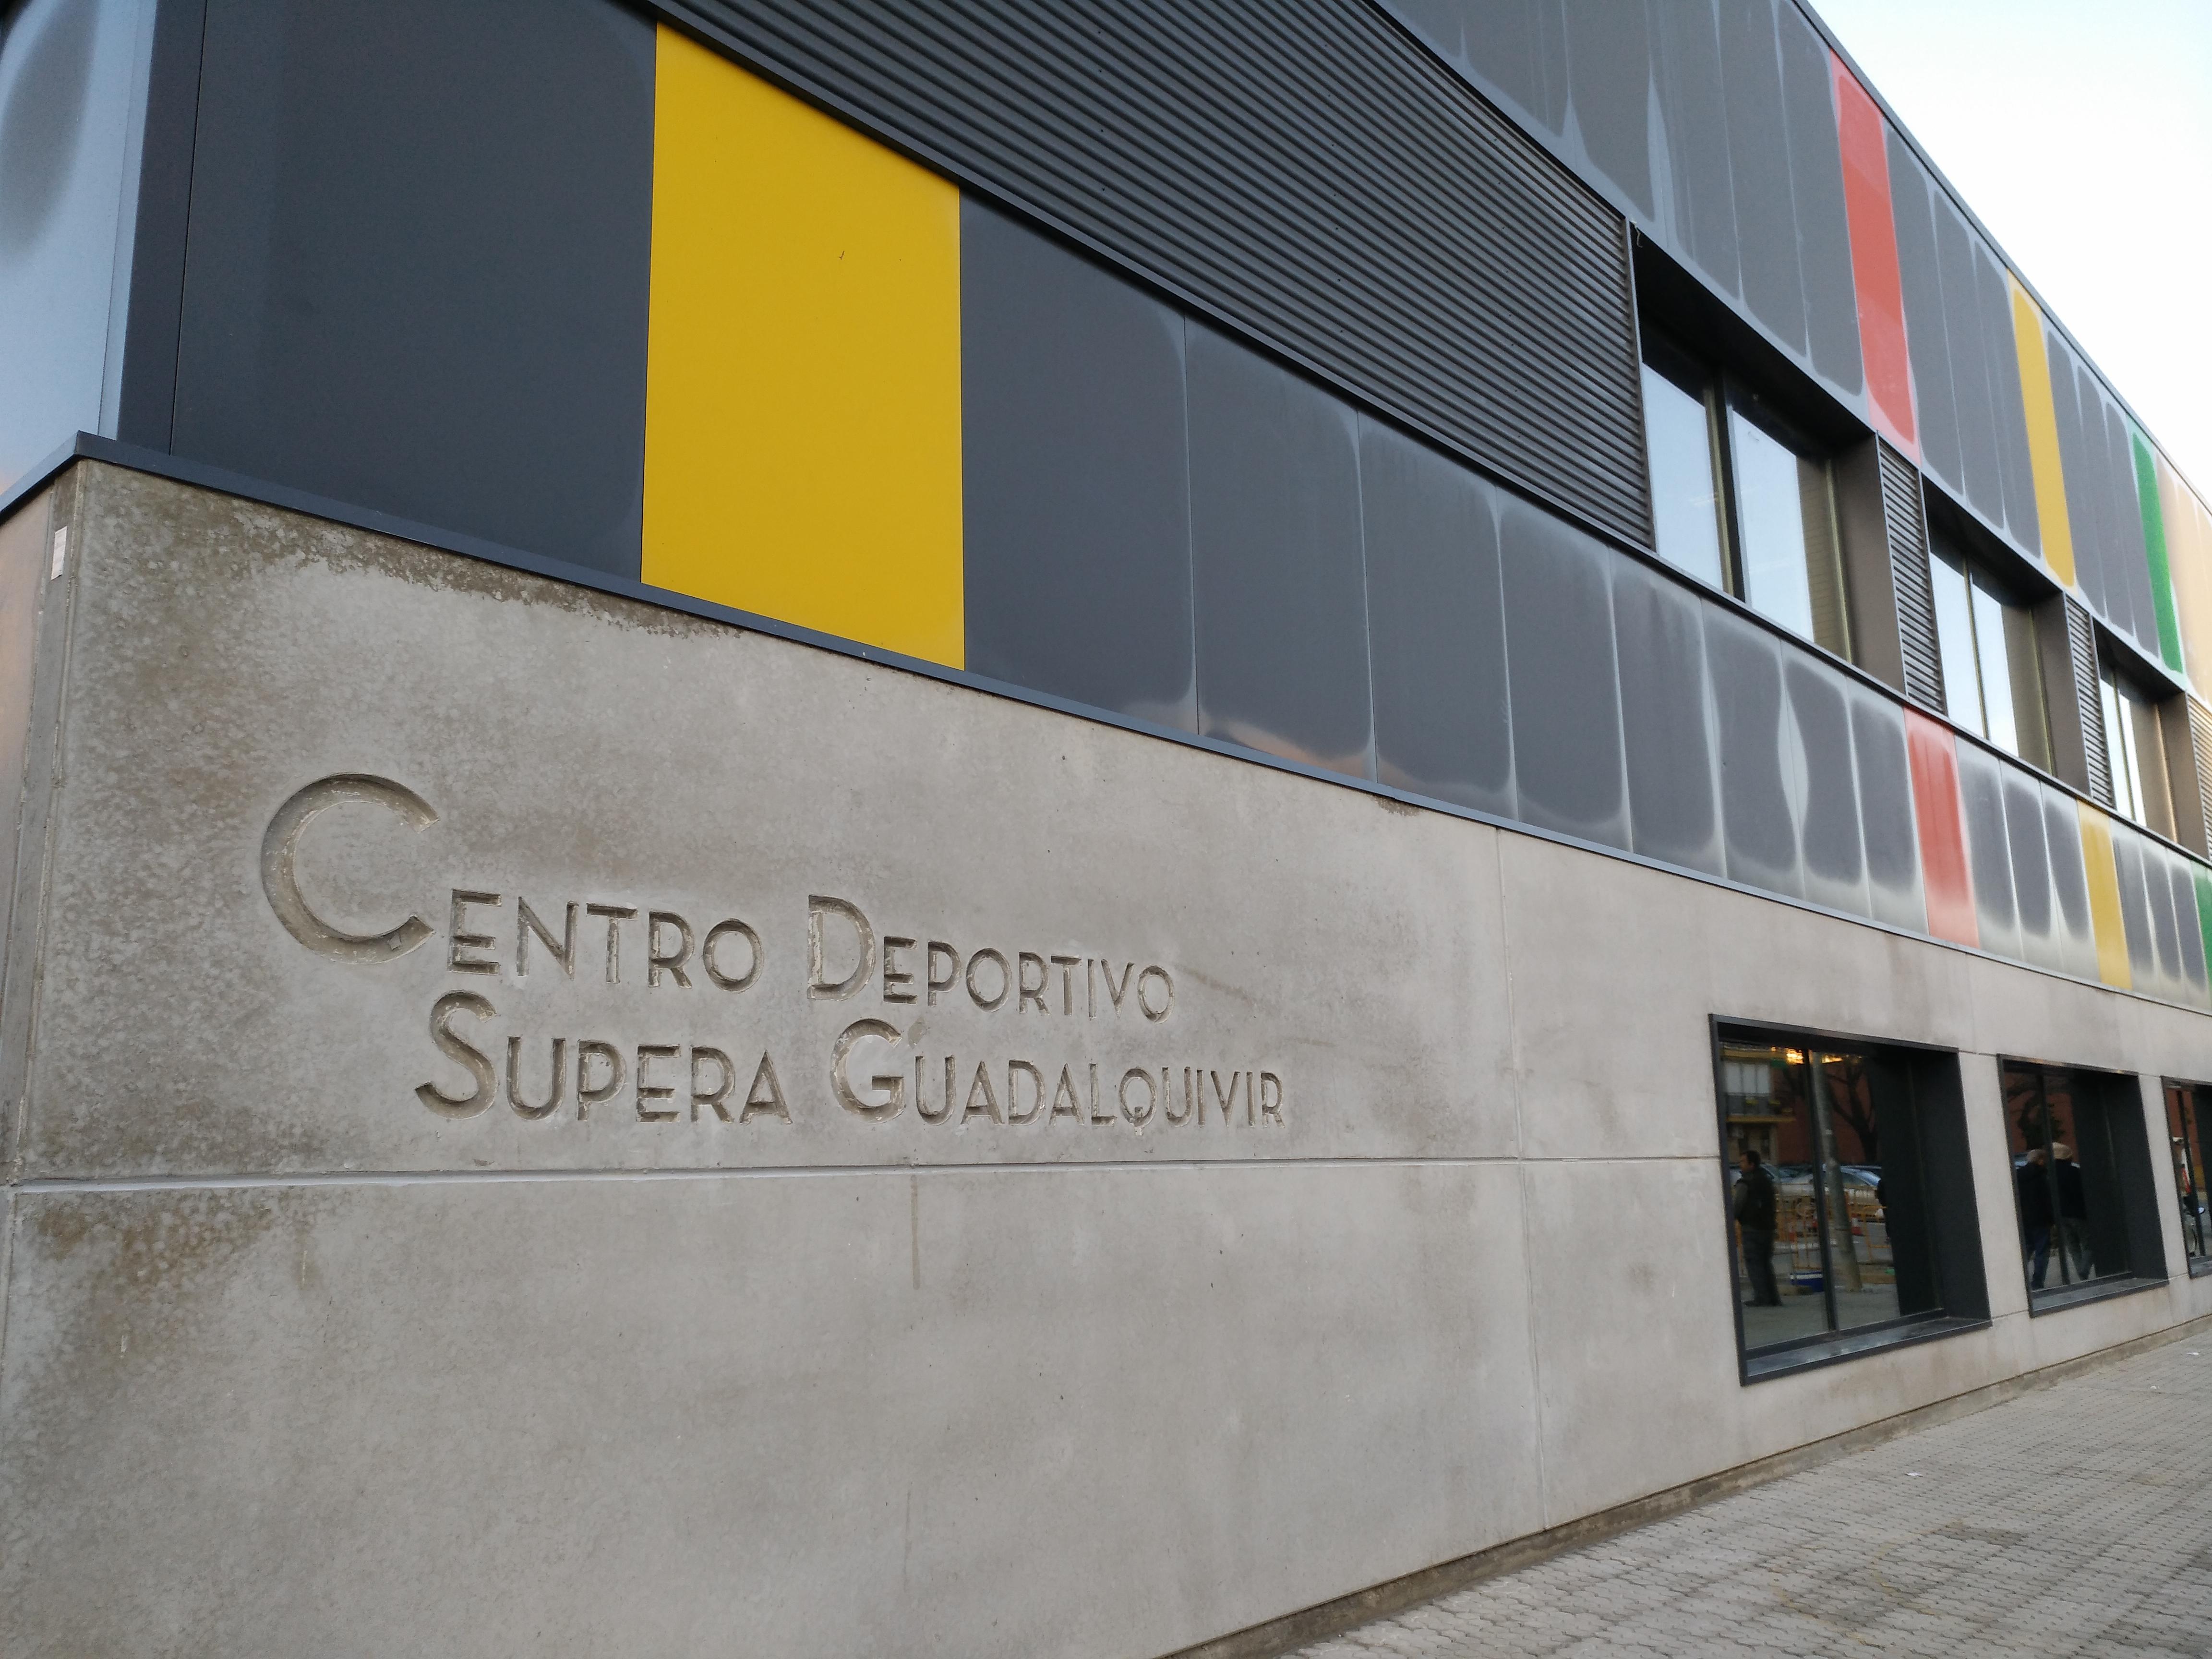 Centro deportivo Supera Guadalquivir